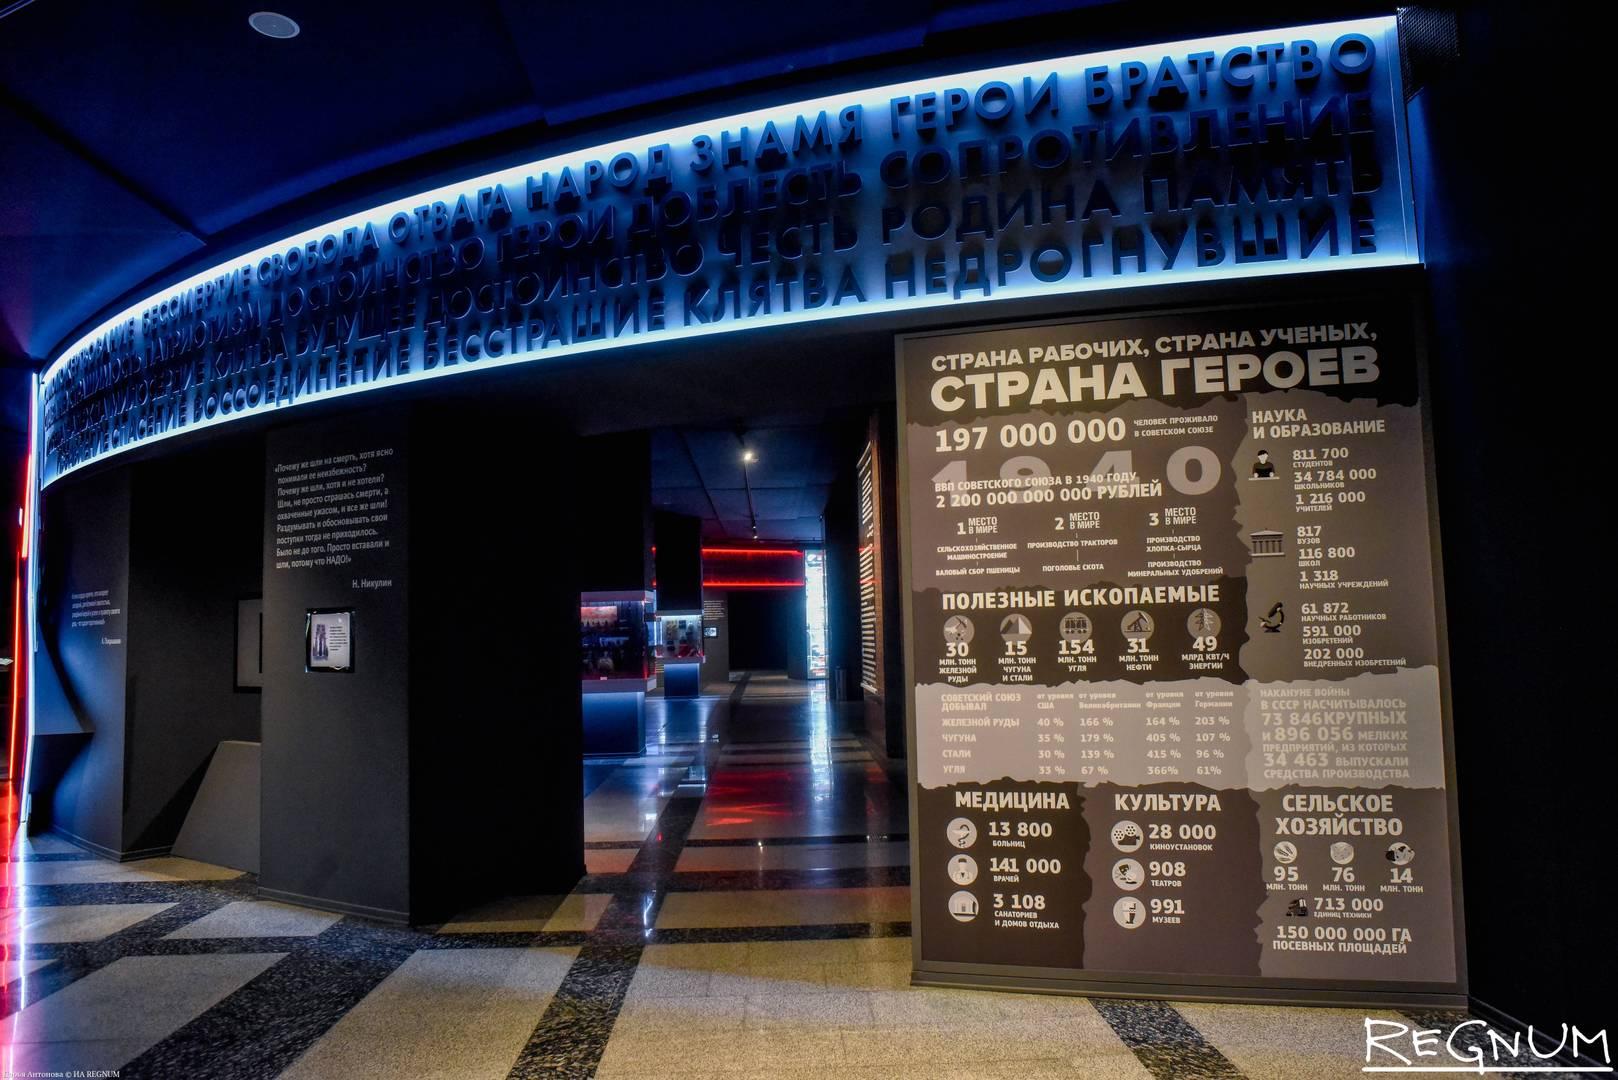 Зал исторической правды. Иллюстрация к материалу